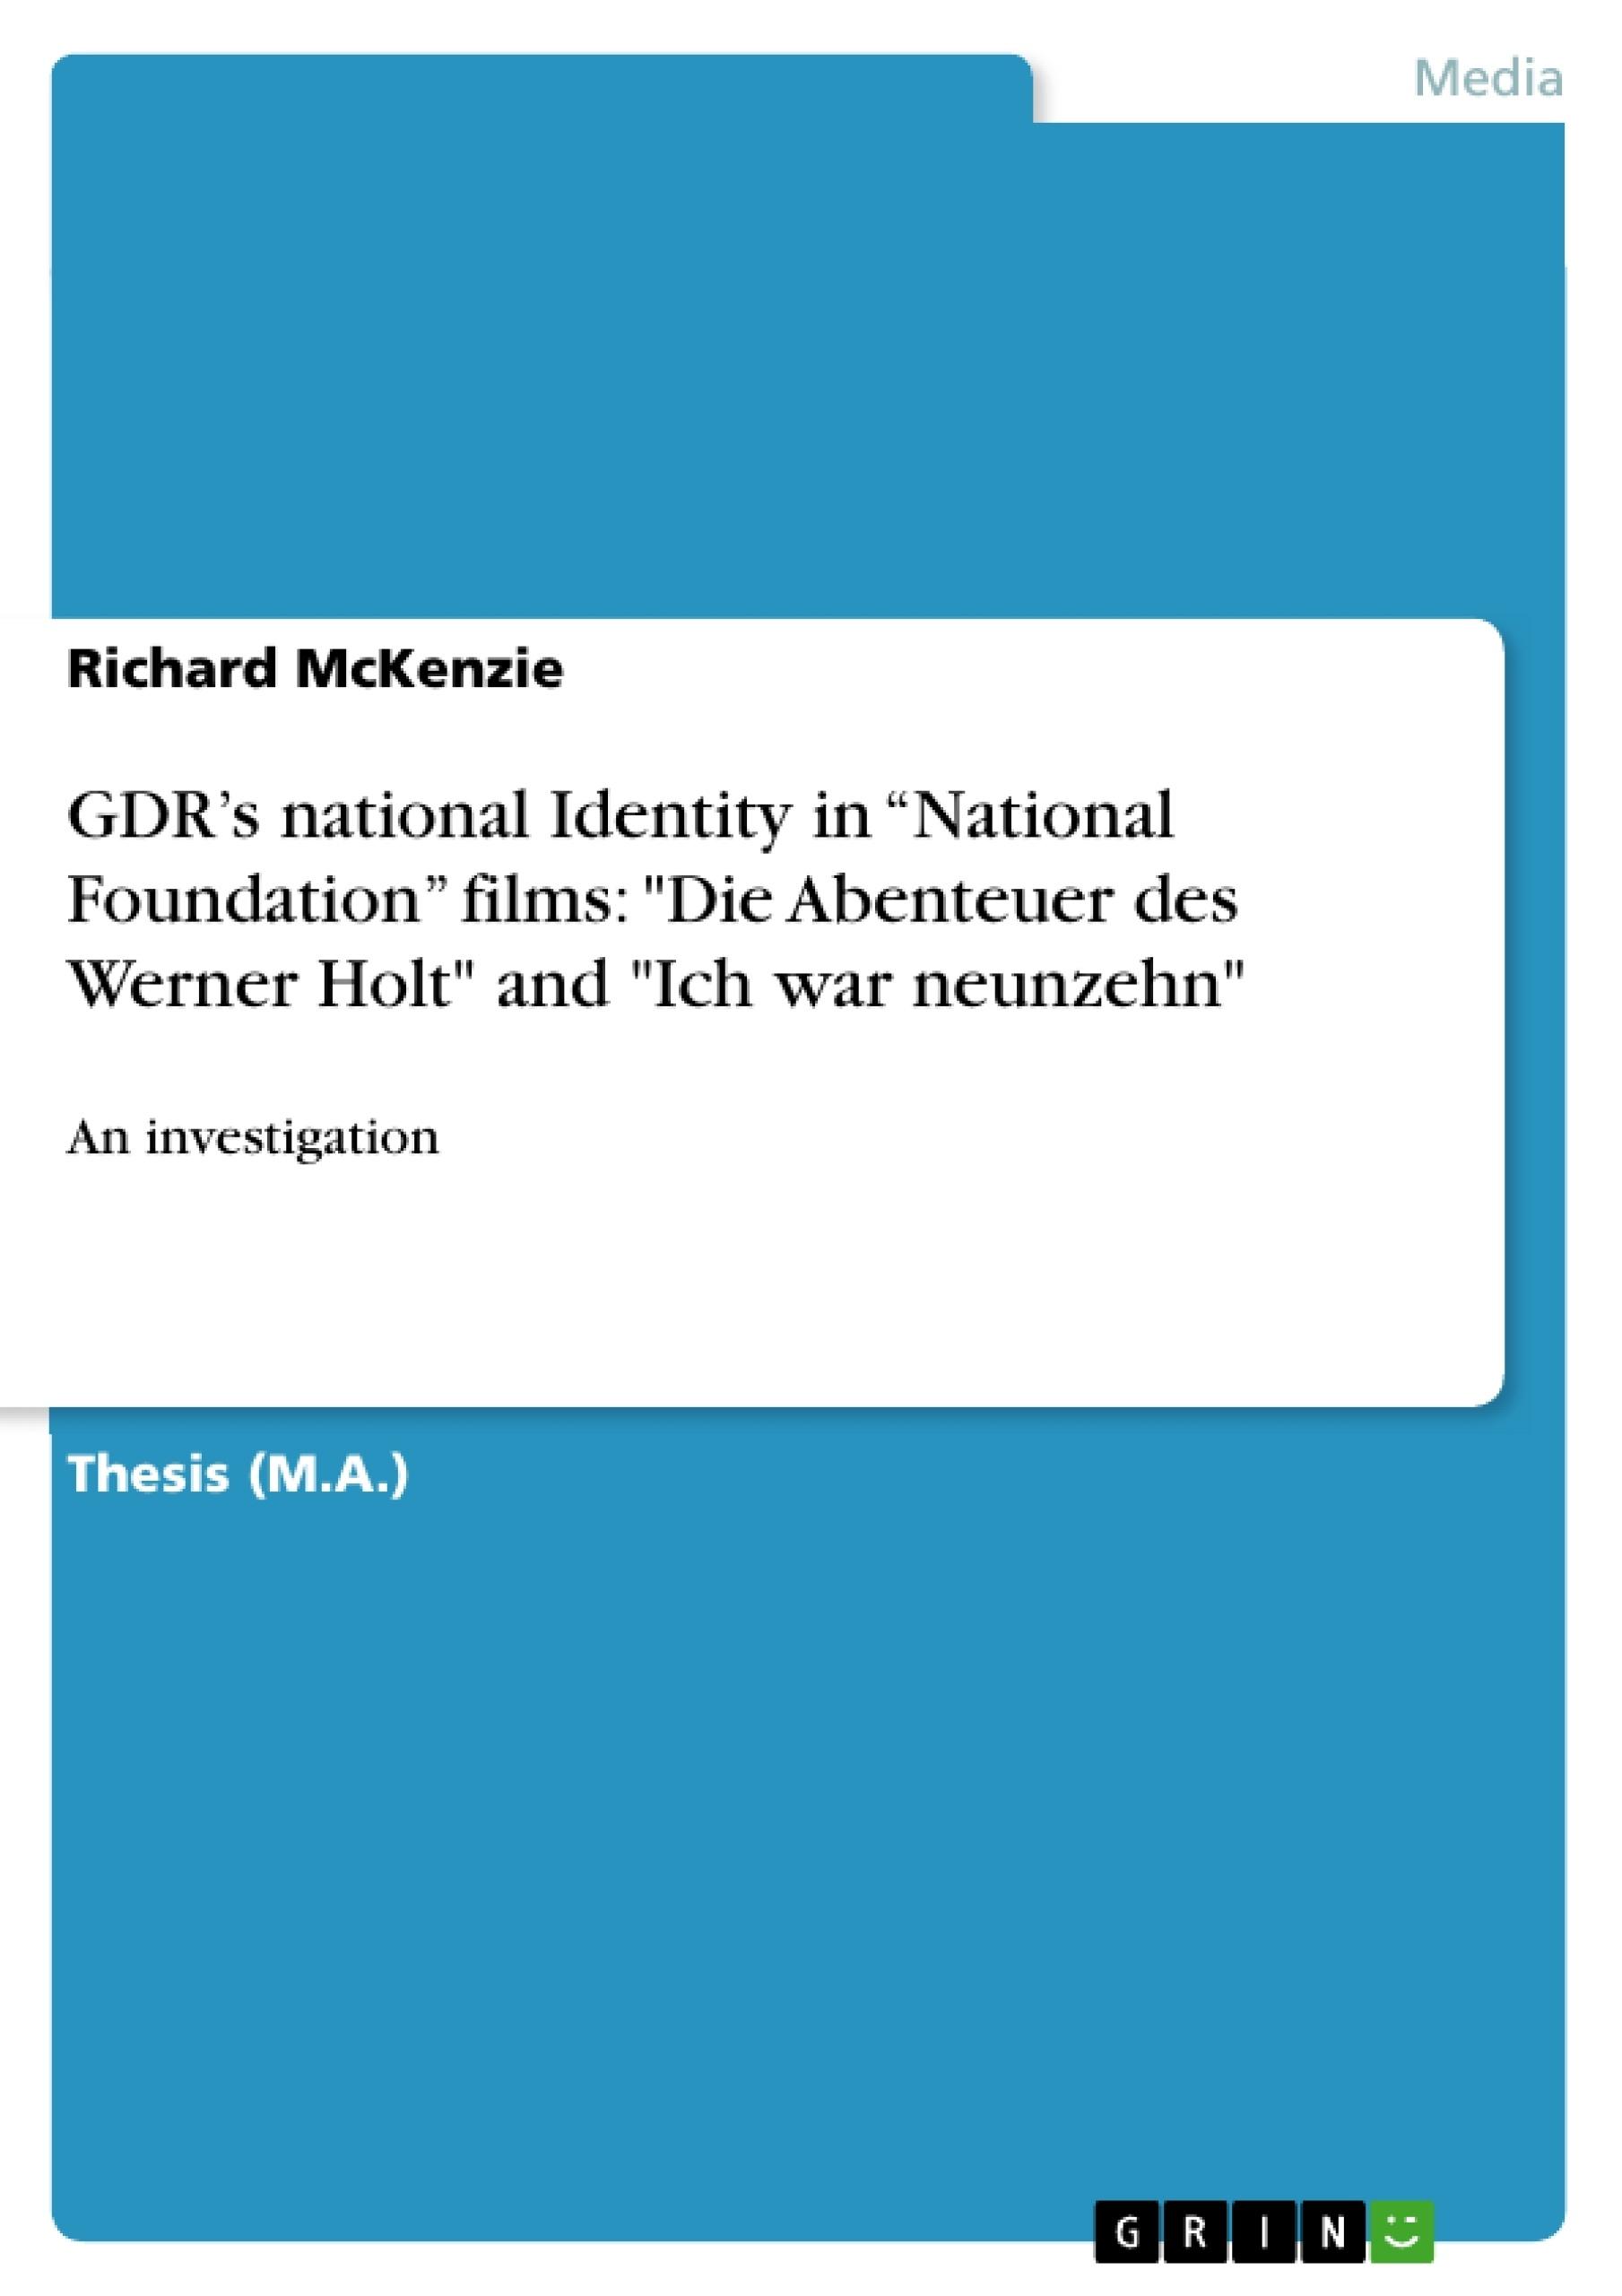 """Title: GDR's national Identity in """"National Foundation"""" films: """"Die Abenteuer des Werner Holt"""" and """"Ich war neunzehn"""""""